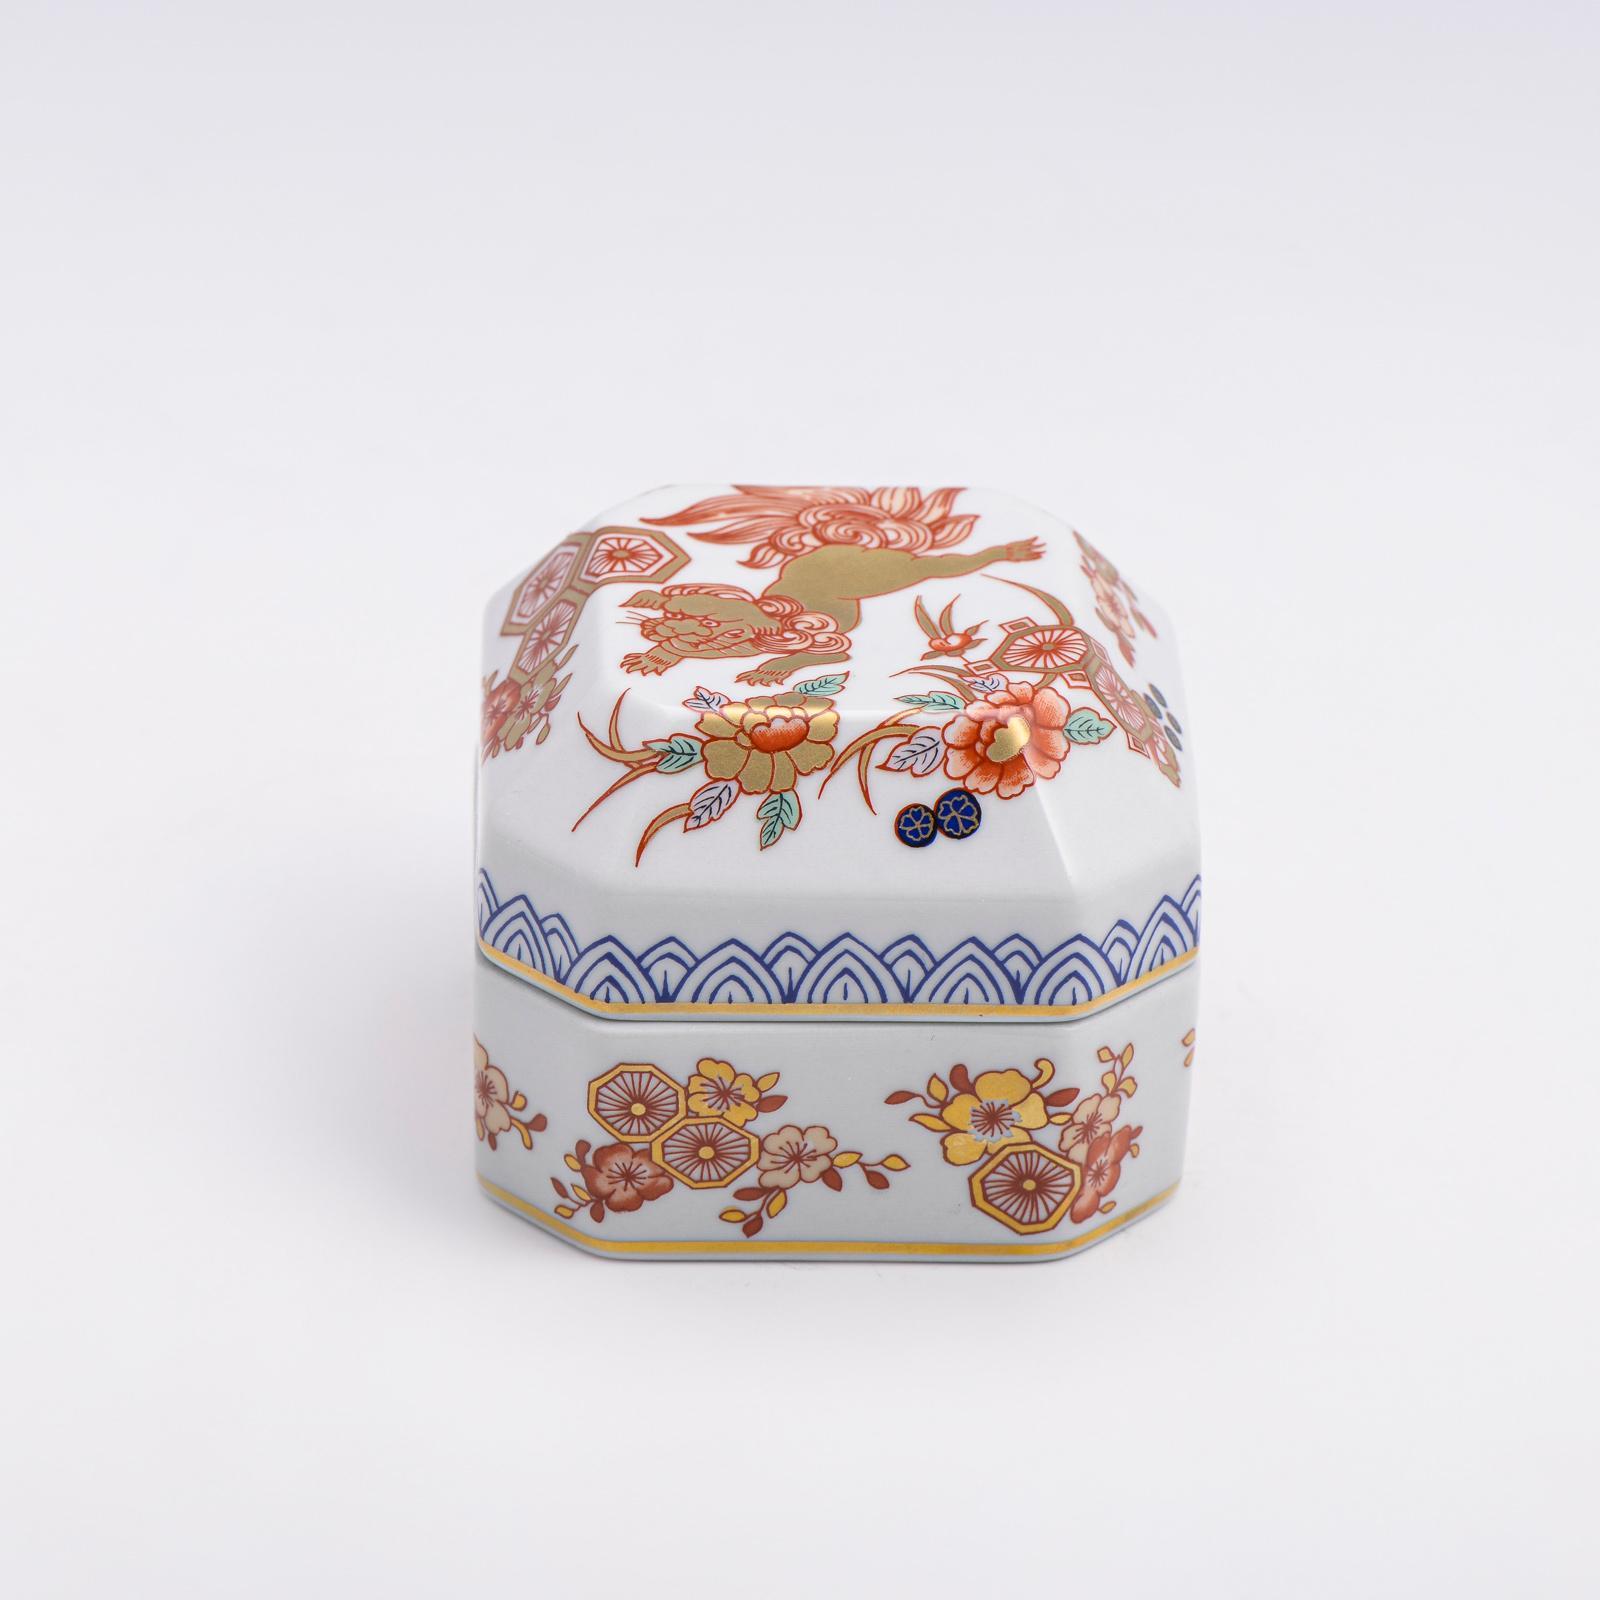 Caixa com tampa, porcelana Vista Alegre